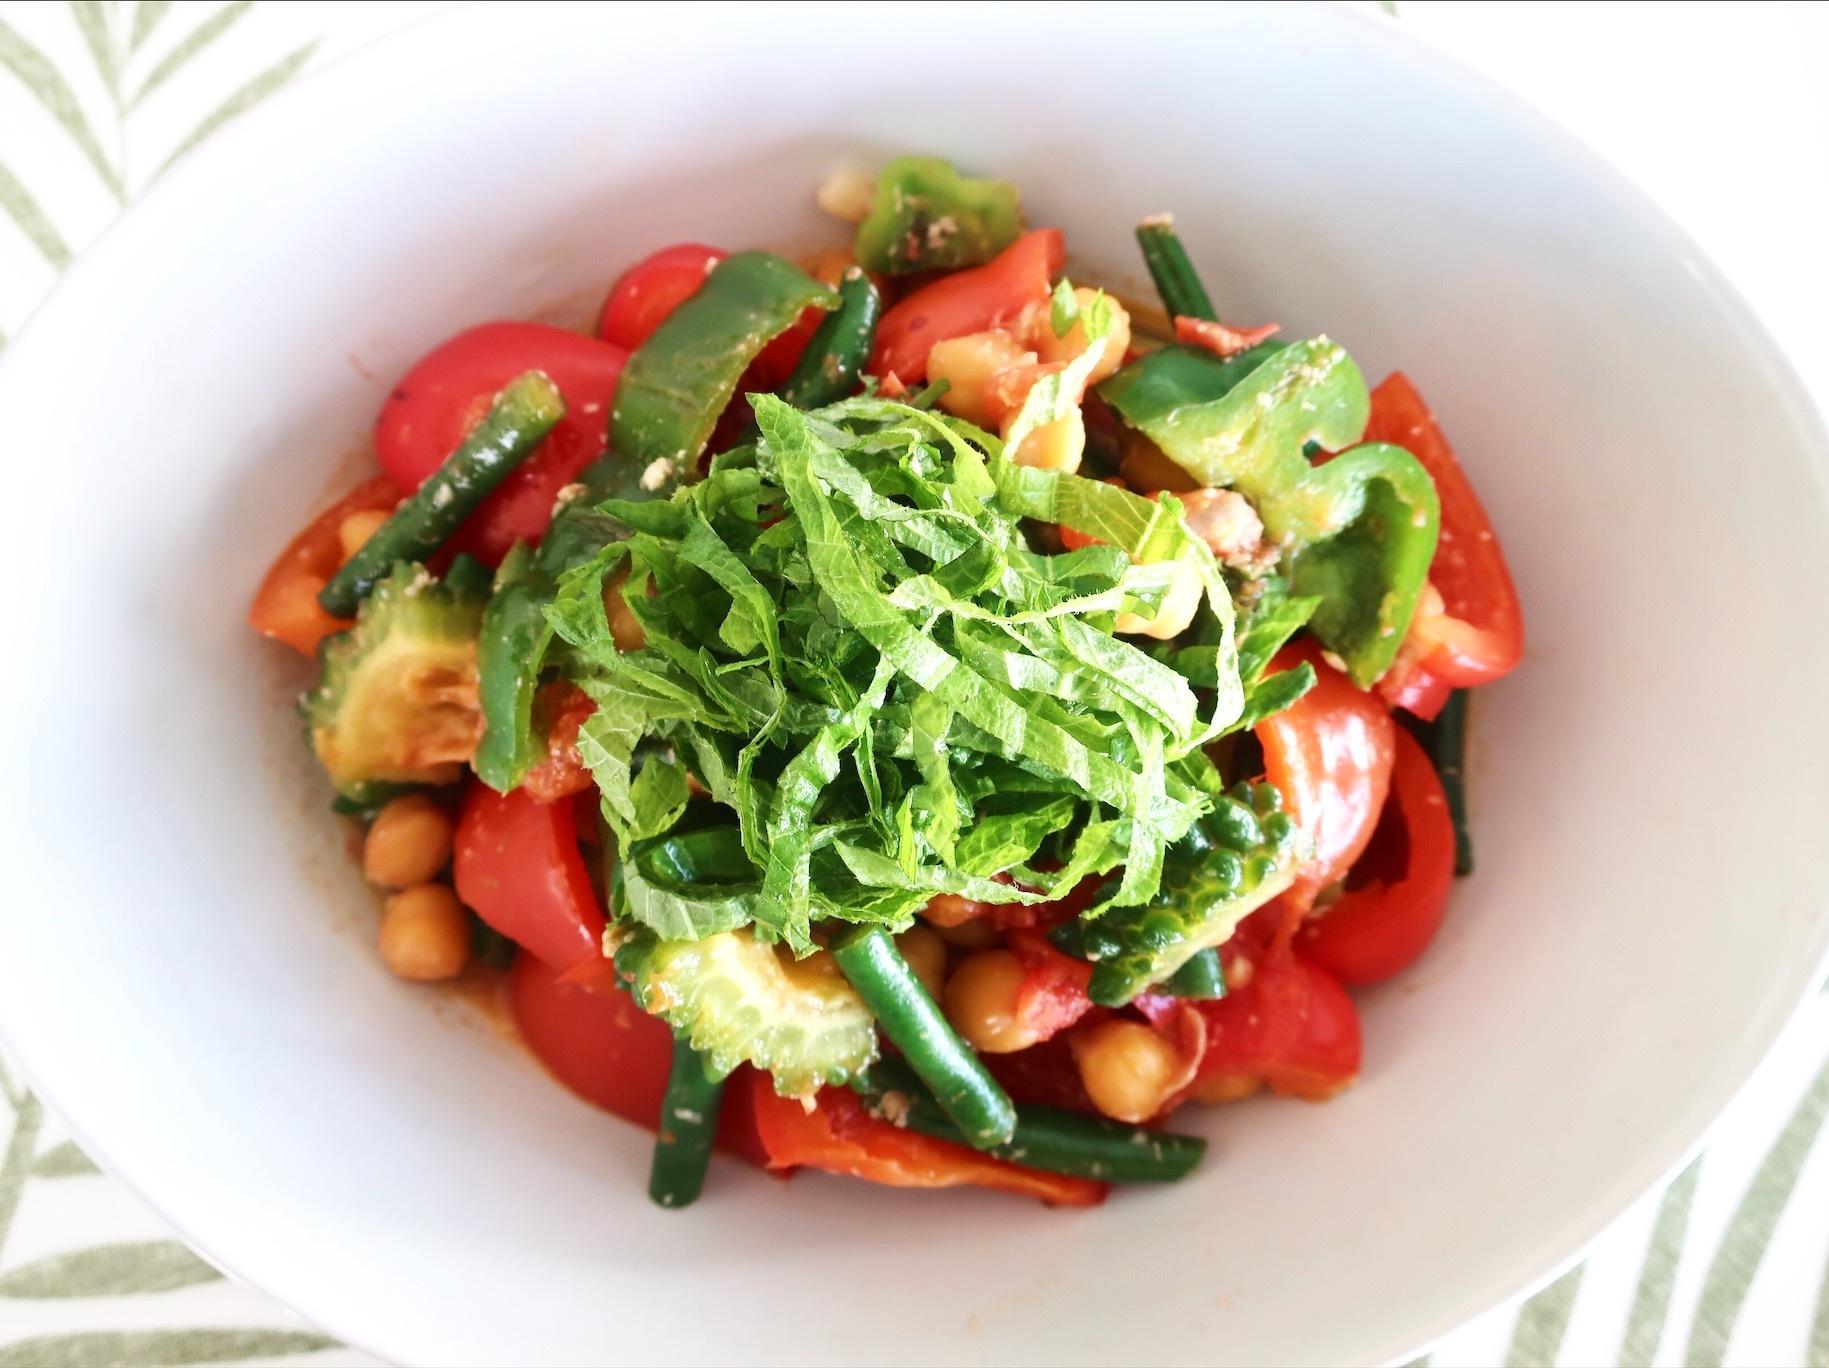 夏野菜たっぷり!カラフルな塩麹ラタトゥユ_1_1